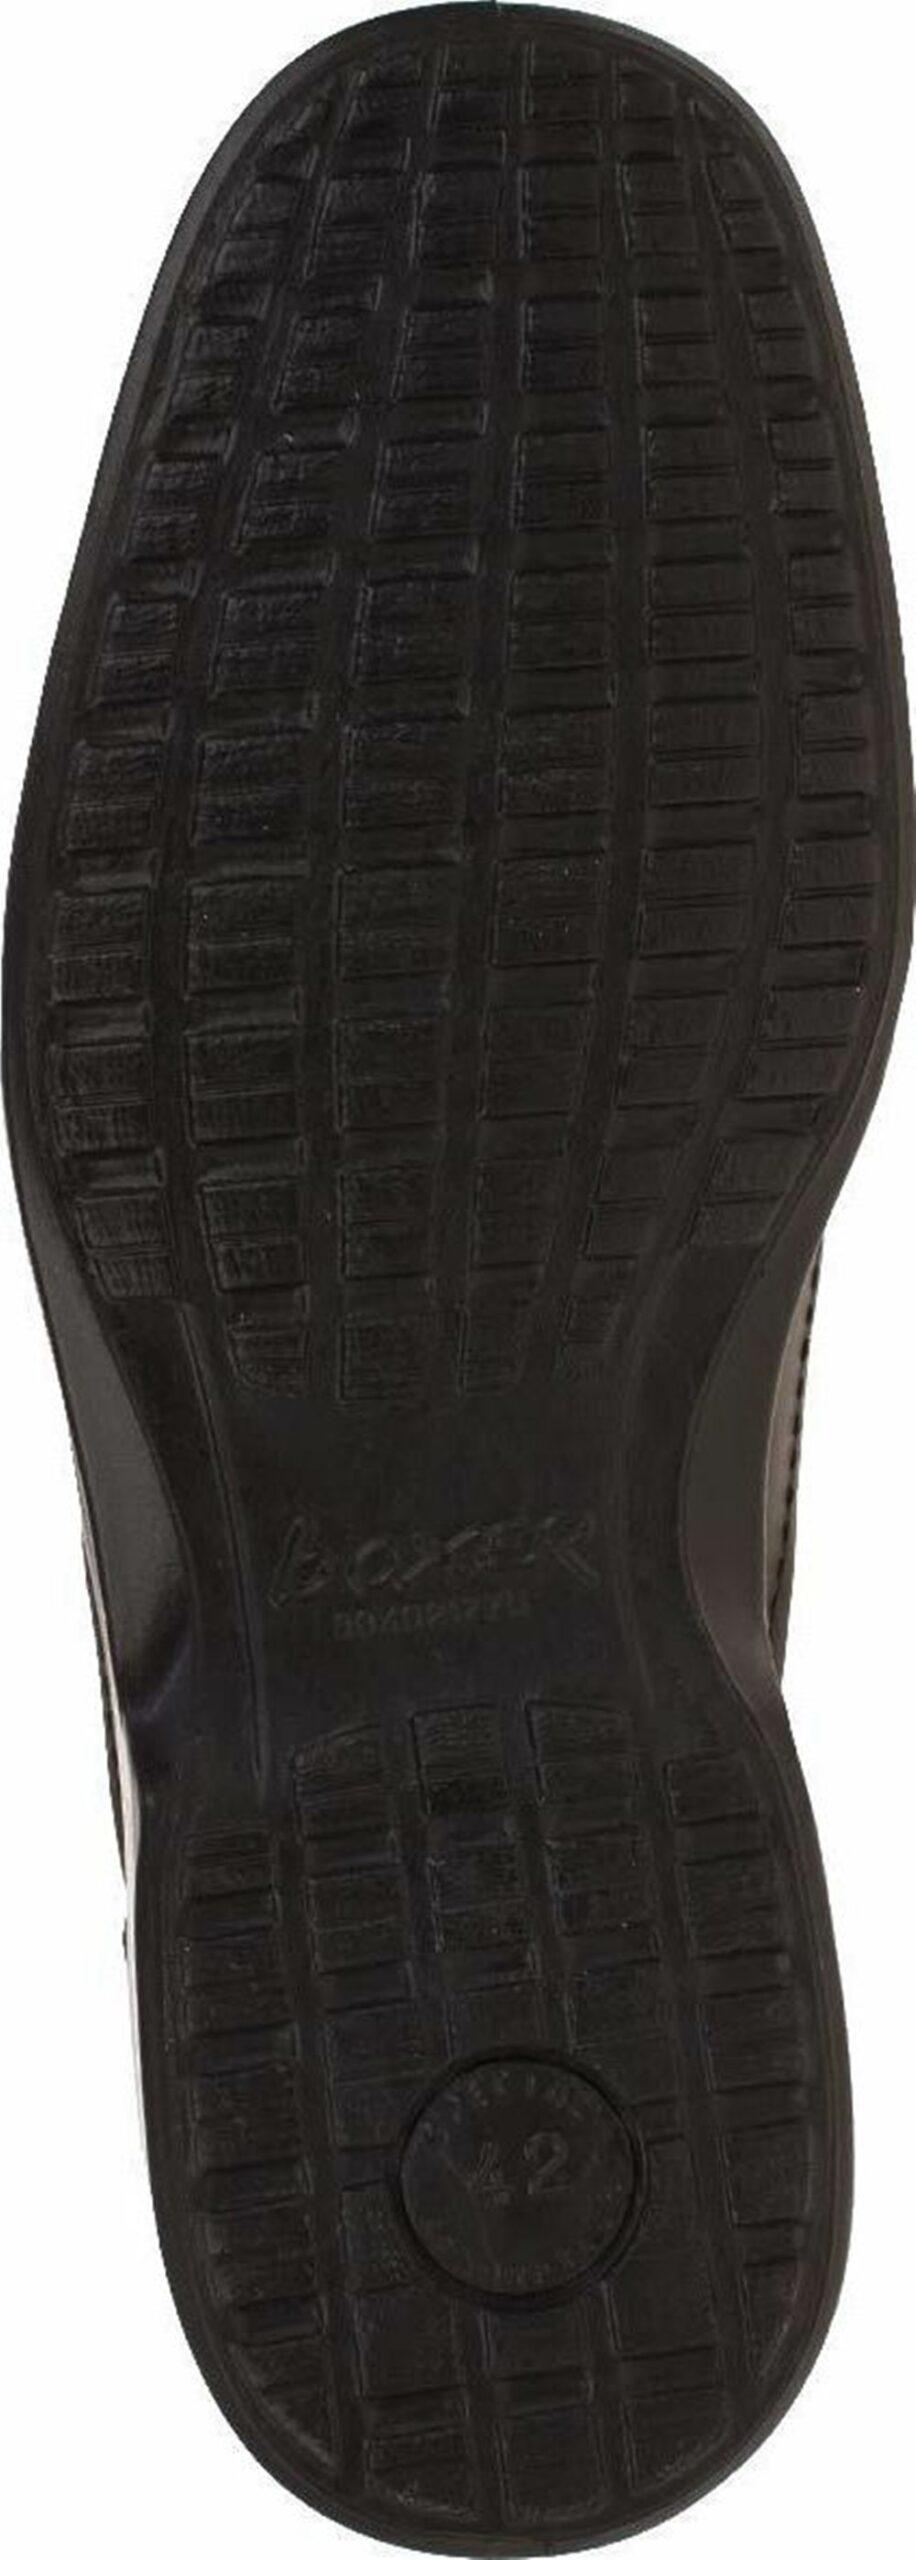 Ανδρικό δερμάτινο Μαύρο Παντοφλέ BOXER original 13771-14-111